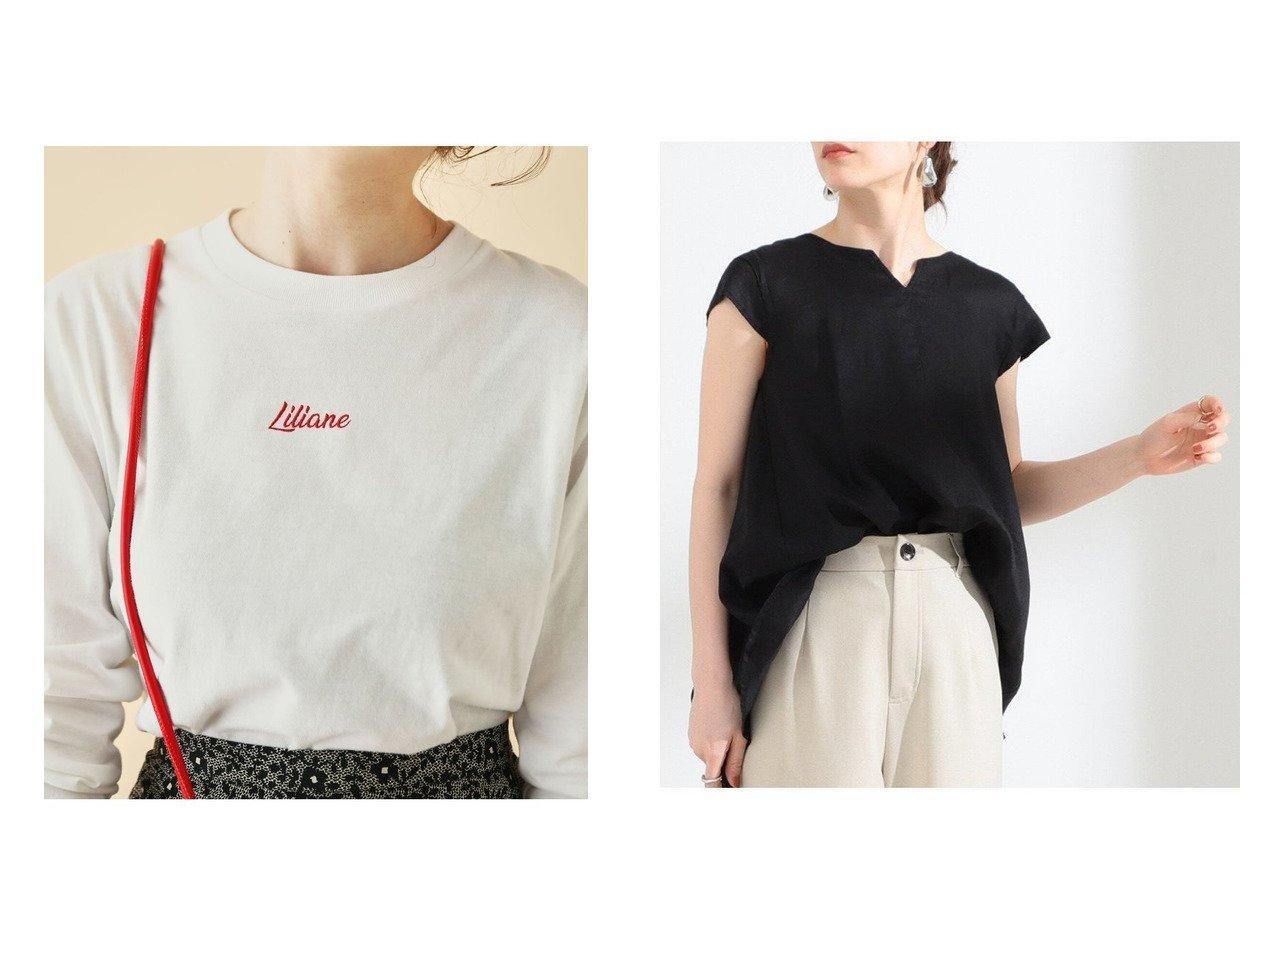 【Ray BEAMS/レイ ビームス】のリネン キーネック フレンチスリーブ シャツ&【ROPE' mademoiselle/ロペ マドモアゼル】のパリジェンヌTシャツ 【トップス・カットソー】おすすめ!人気、トレンド・レディースファッションの通販  おすすめで人気の流行・トレンド、ファッションの通販商品 インテリア・家具・メンズファッション・キッズファッション・レディースファッション・服の通販 founy(ファニー) https://founy.com/ ファッション Fashion レディースファッション WOMEN トップス・カットソー Tops/Tshirt シャツ/ブラウス Shirts/Blouses ロング / Tシャツ T-Shirts カットソー Cut and Sewn アクセサリー インナー カットソー キャミワンピース クラシック コンパクト 今季 ジャケット スリーブ パール ポケット マーメイド モッズコート ロング 冬 Winter おすすめ Recommend シンプル バランス フレア フレンチ リネン  ID:crp329100000063051